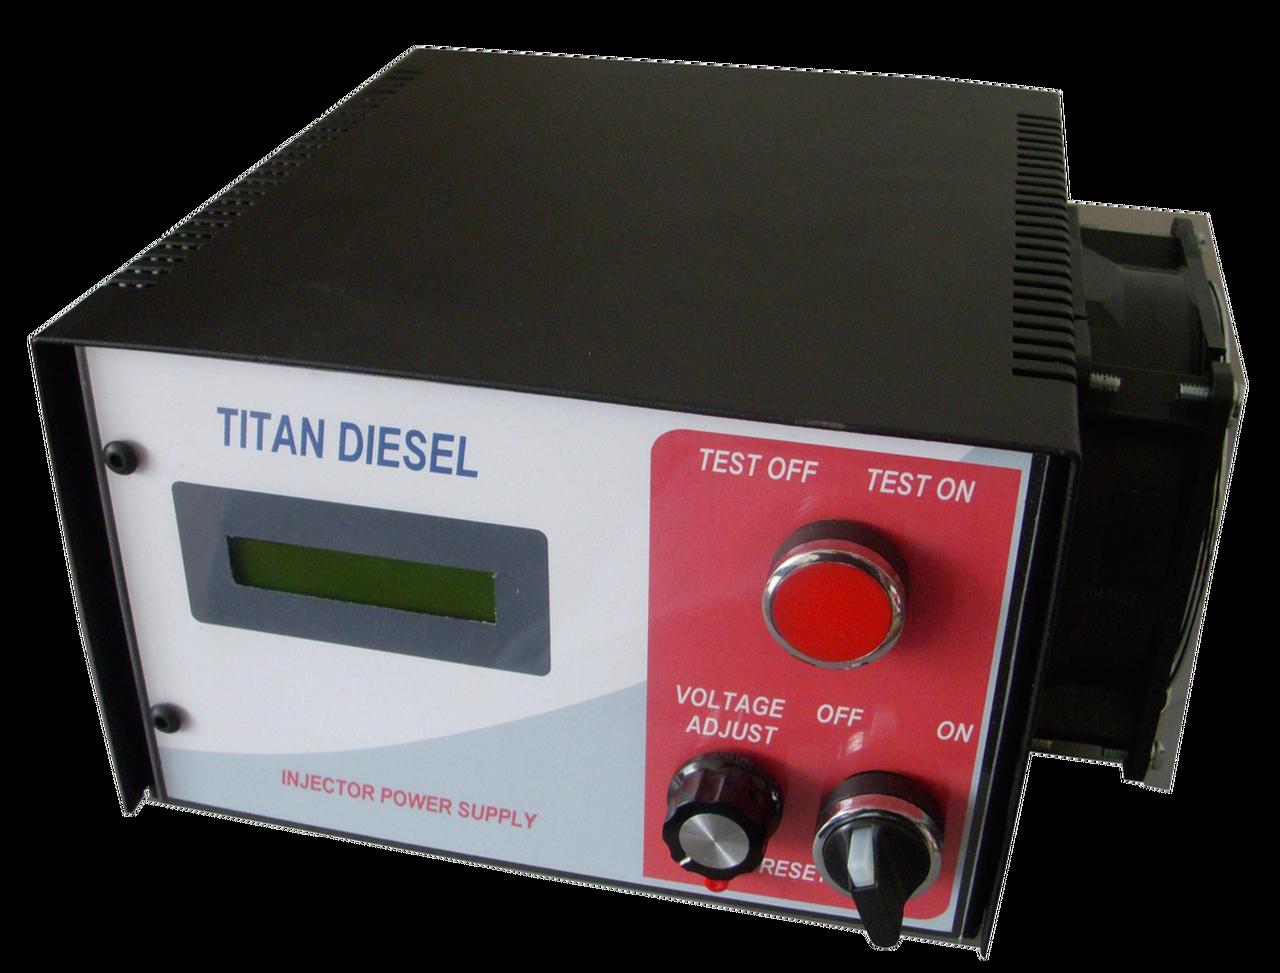 Injector Rebuild Tools - TITAN DIESEL FUEL INJECTION